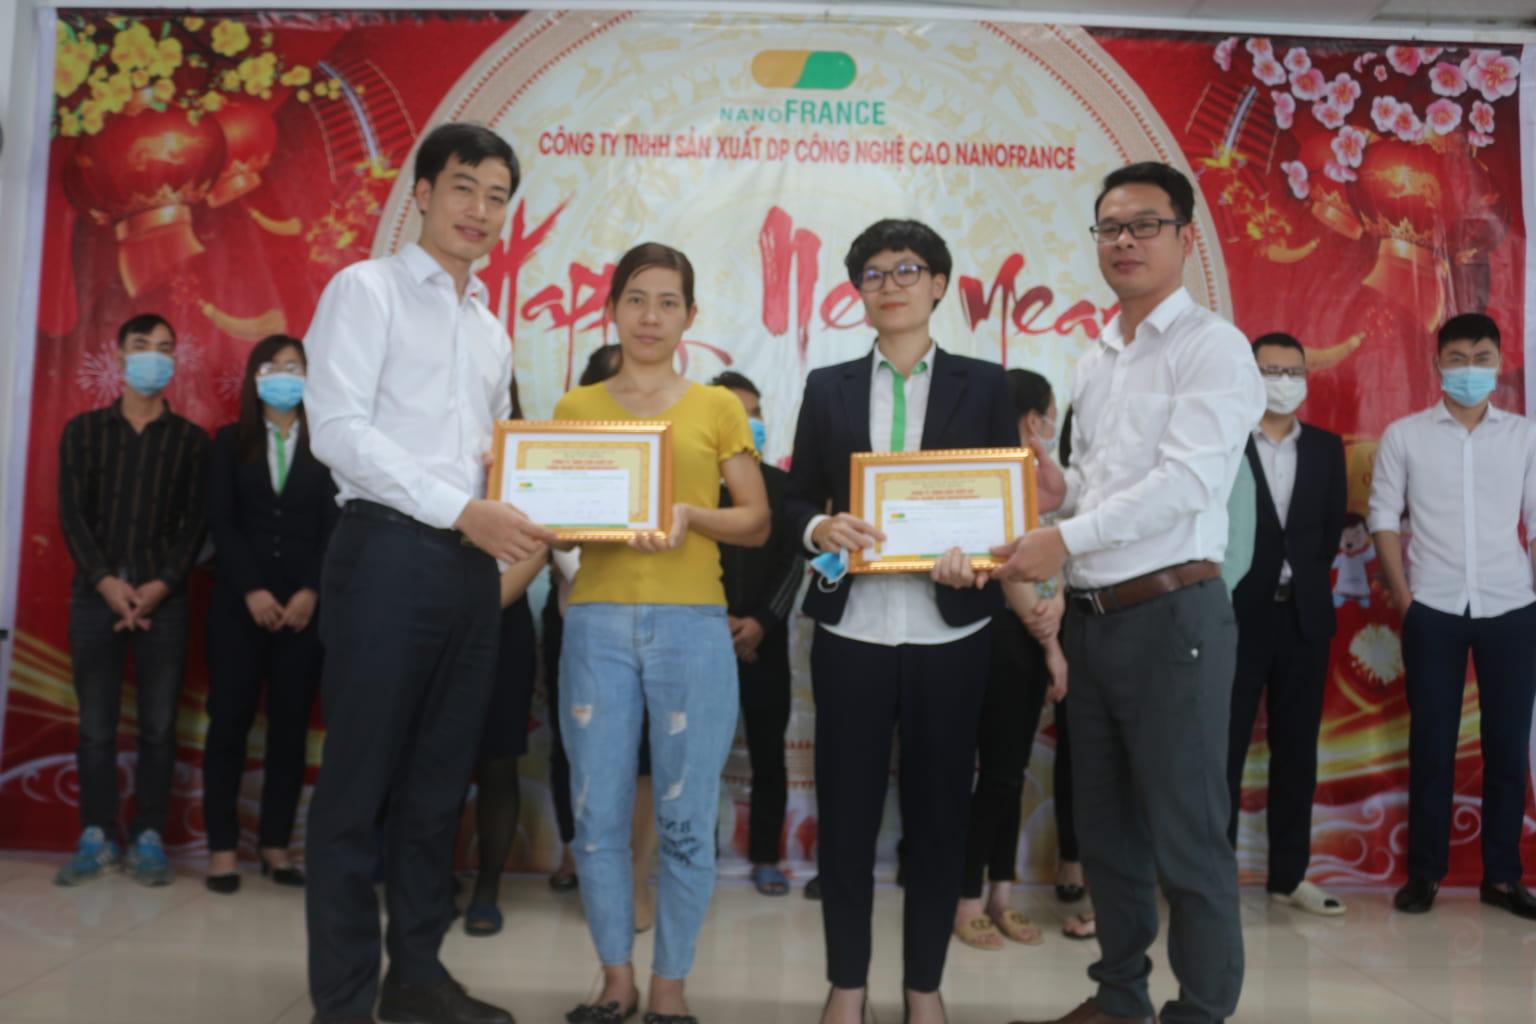 cán bộ công nhân viên  lần lượt lên nhận phần thưởng và bằng khen